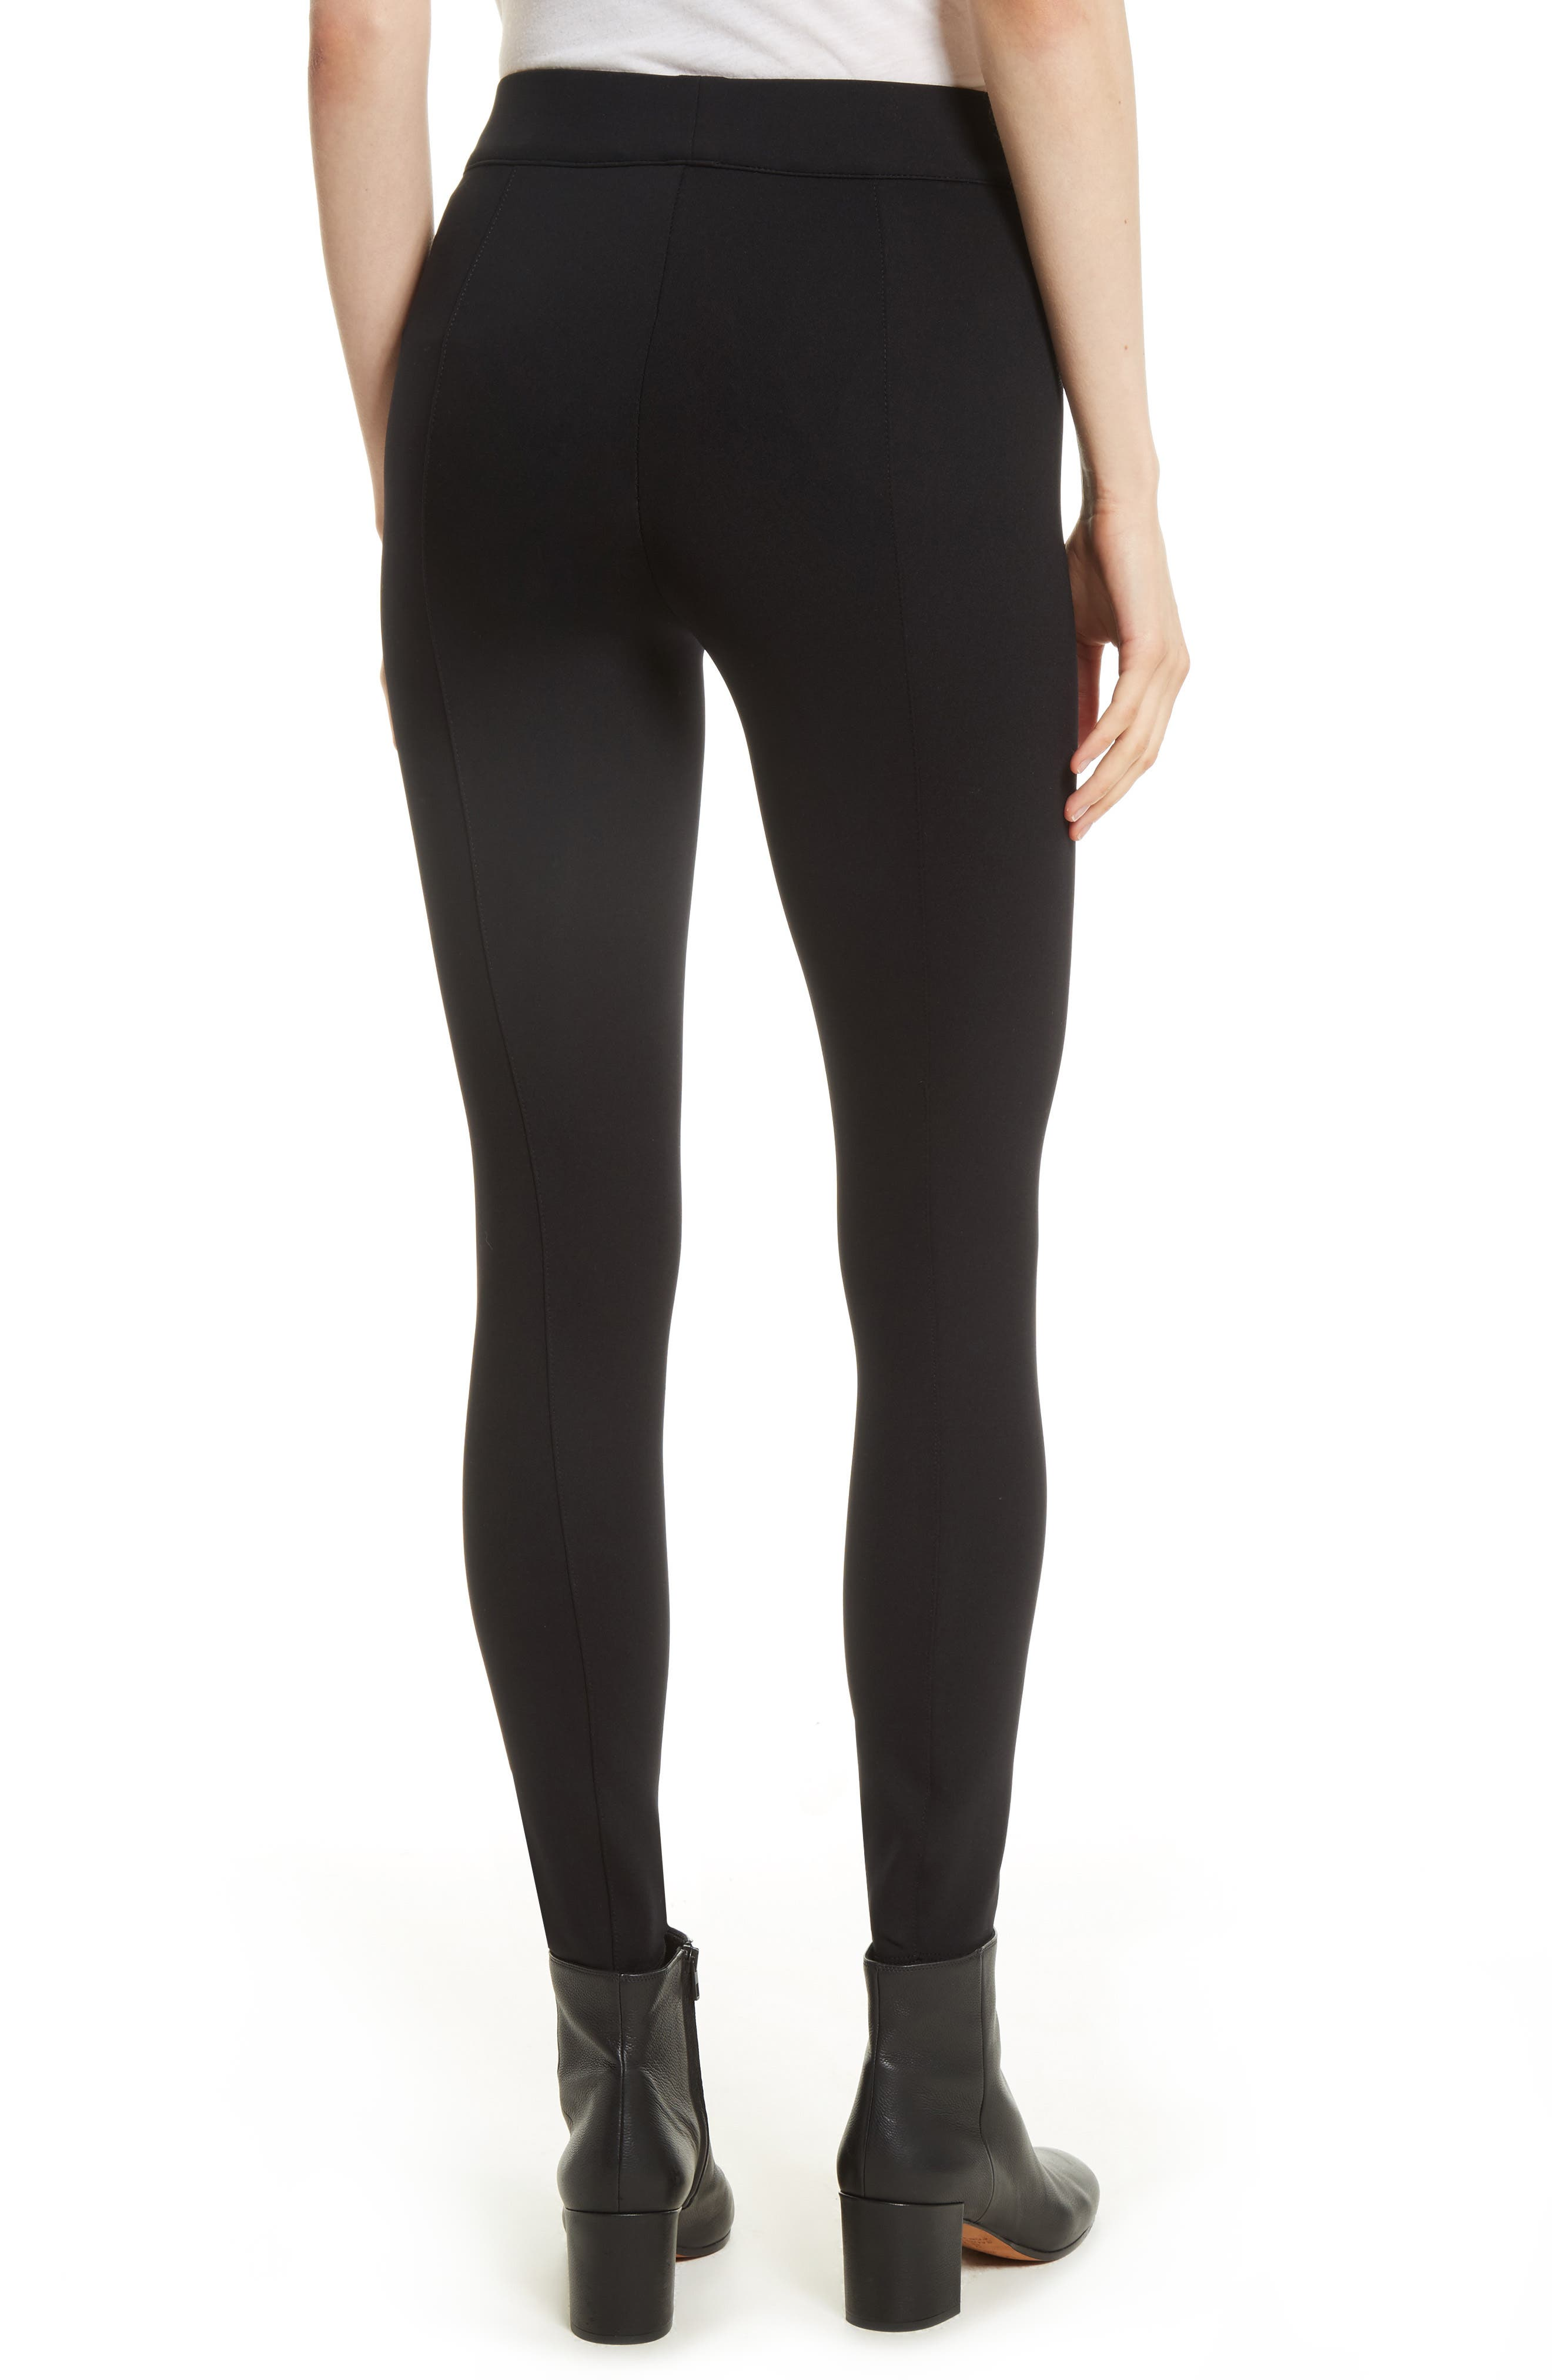 e0a0f3425b3716 Women's Leggings Work Clothing | Nordstrom